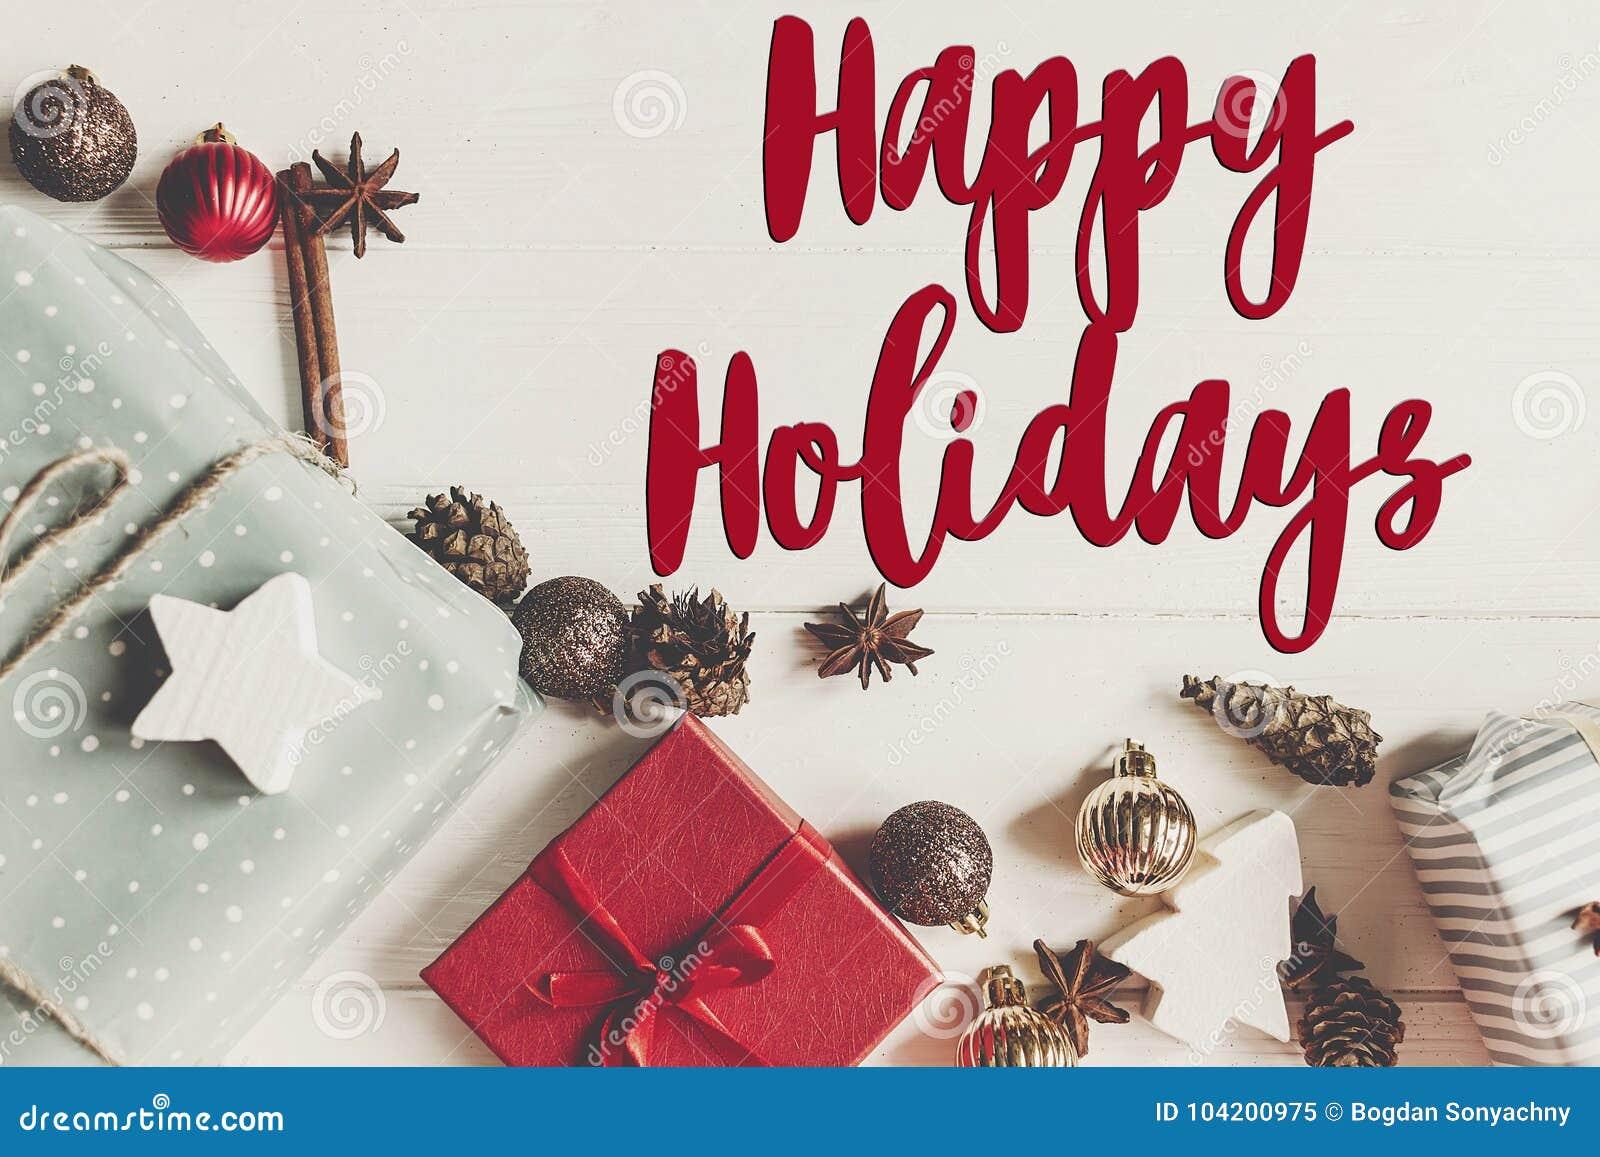 Καλές διακοπές κείμενο, εποχιακό σημάδι καρτών χαιρετισμών fla Χριστουγέννων